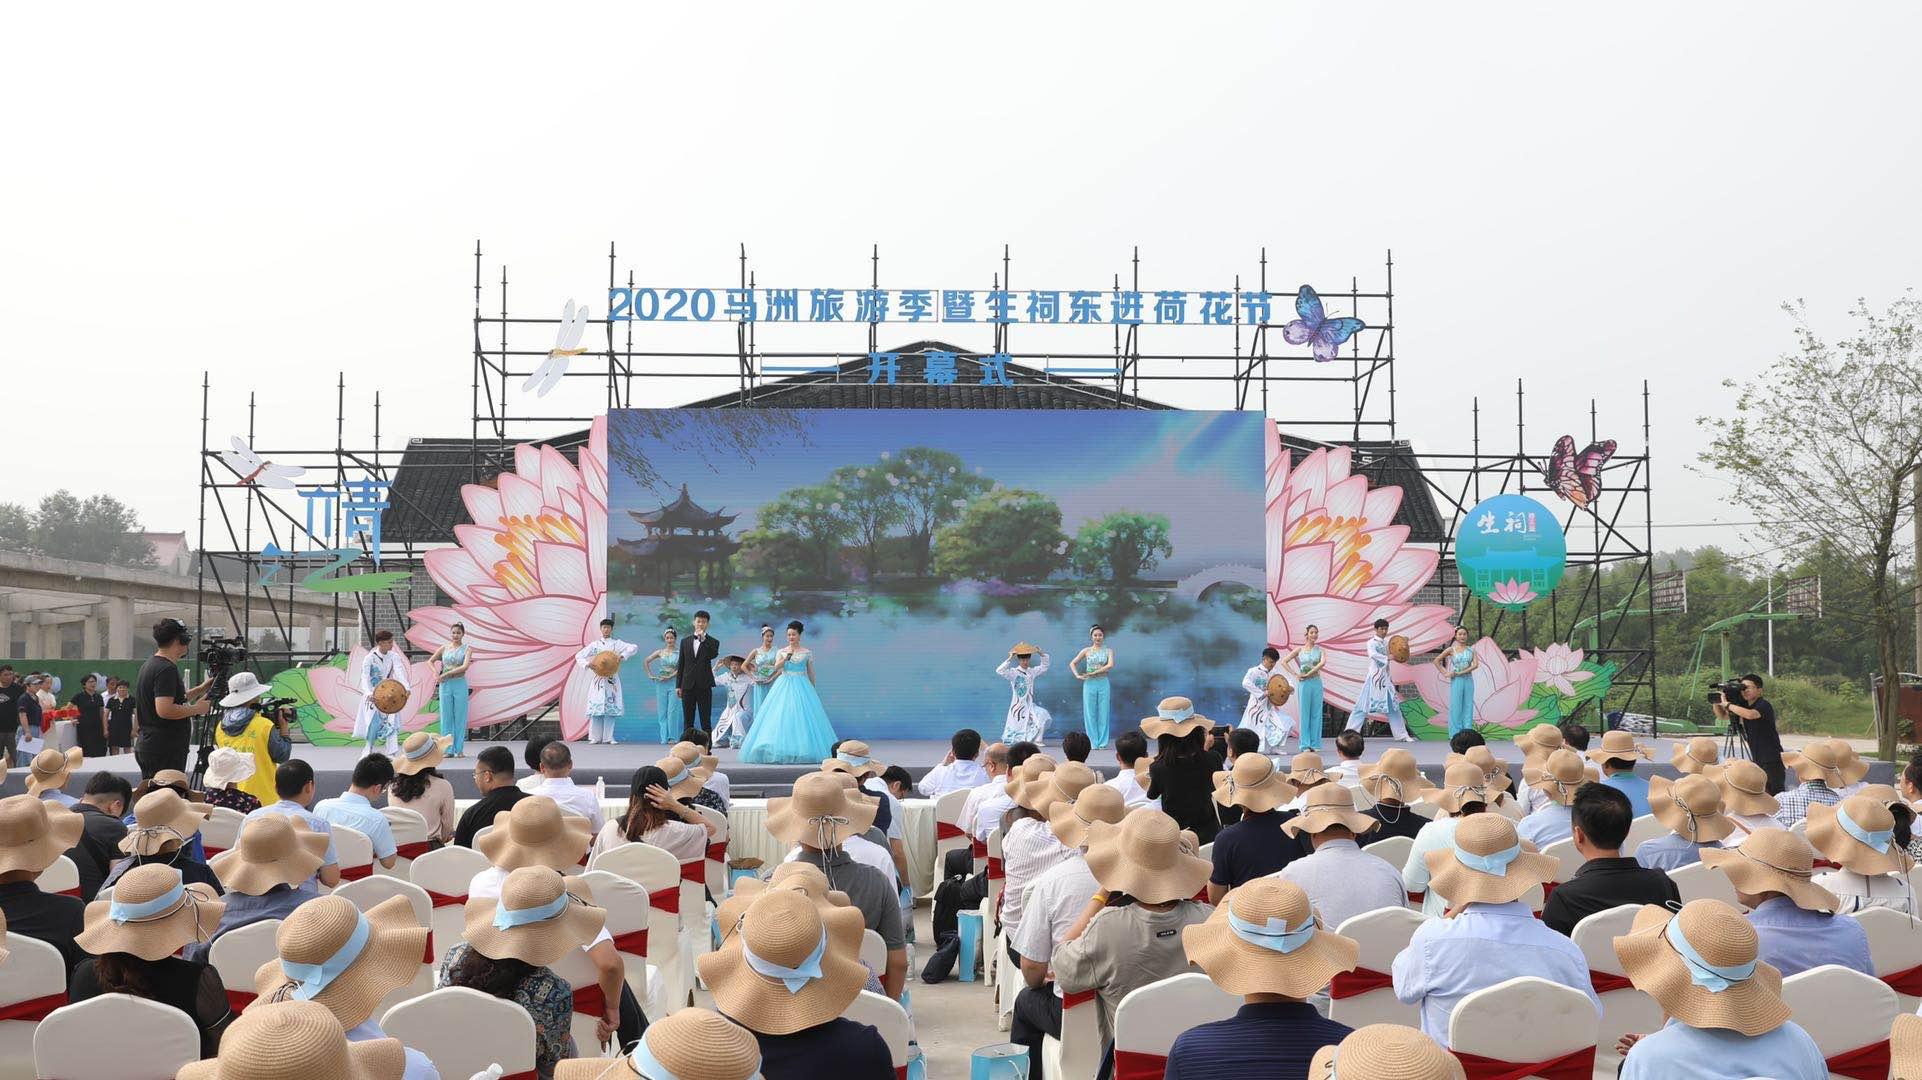 2020马洲旅游季暨生祠东进荷花节开幕式